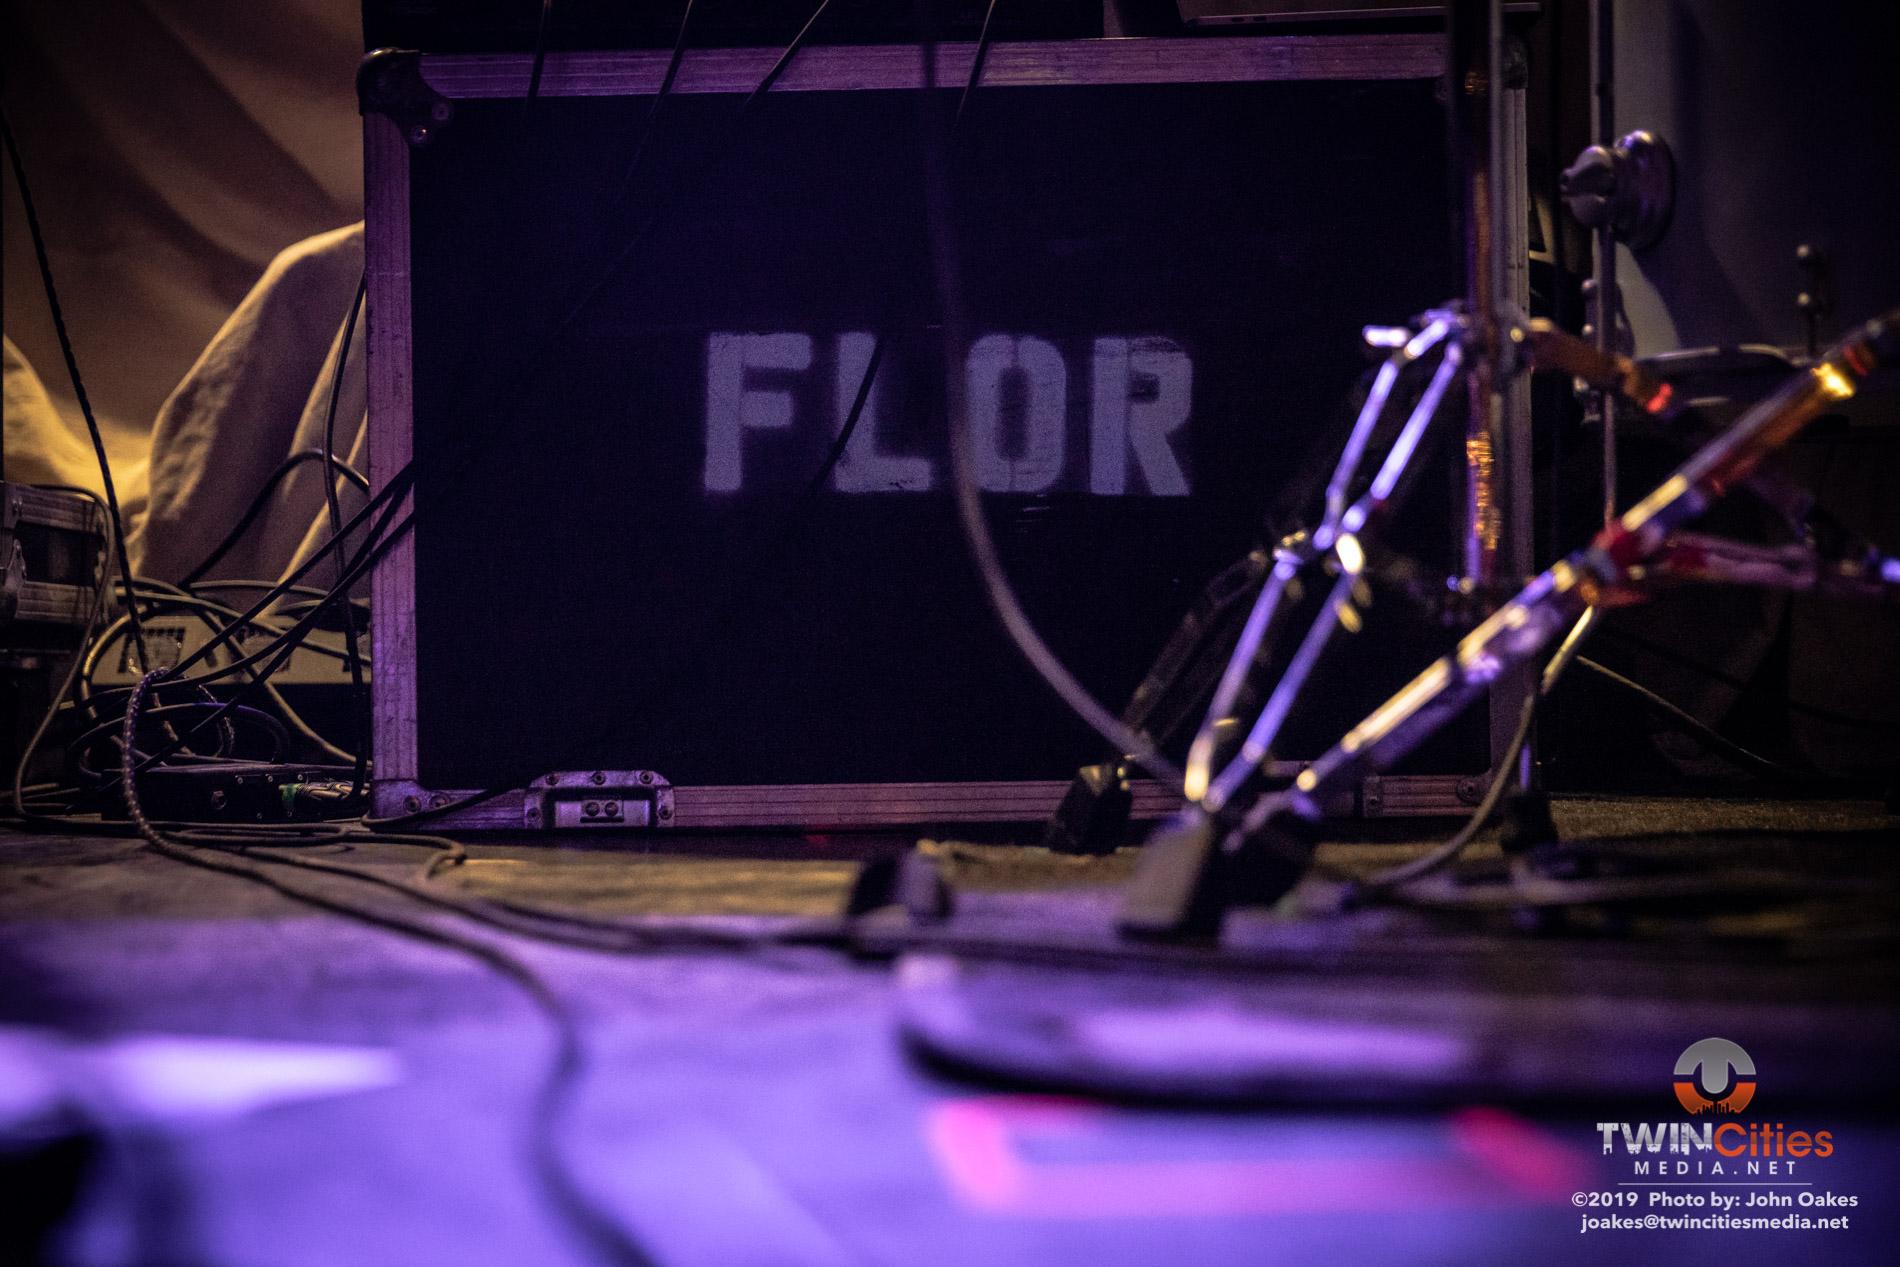 Flor16